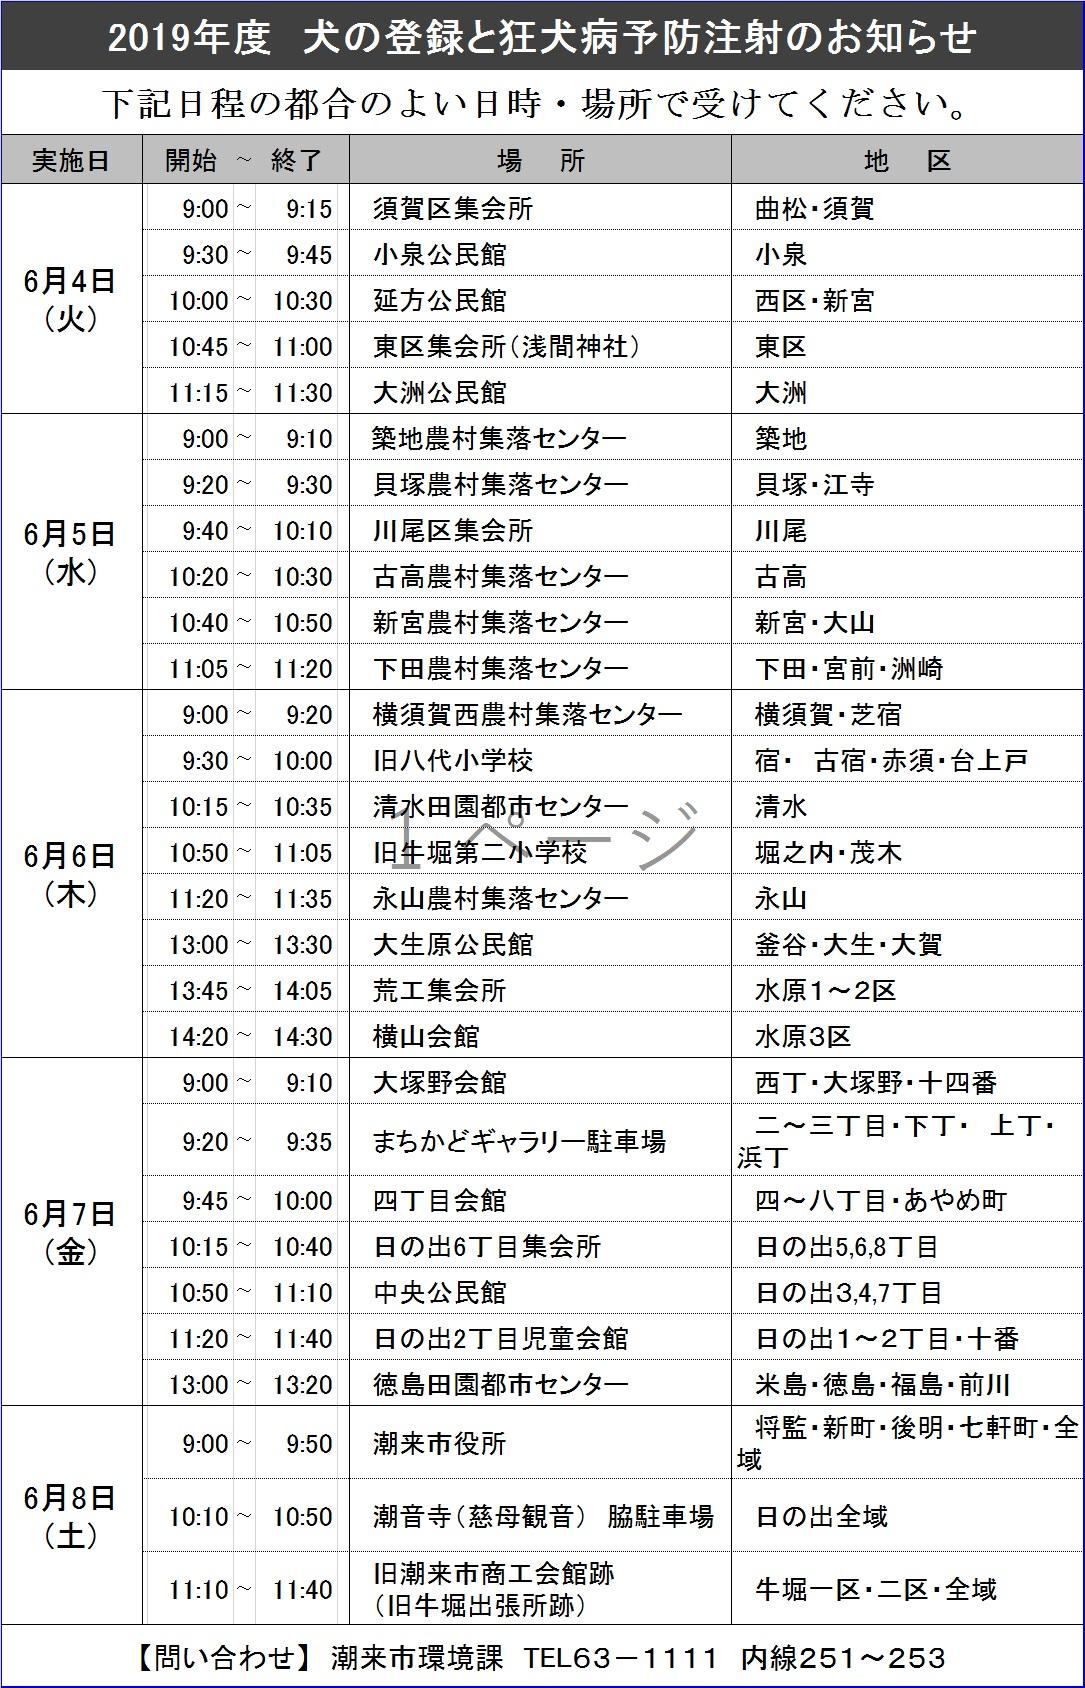 平成31年度6月集合注射日程表(HP用)